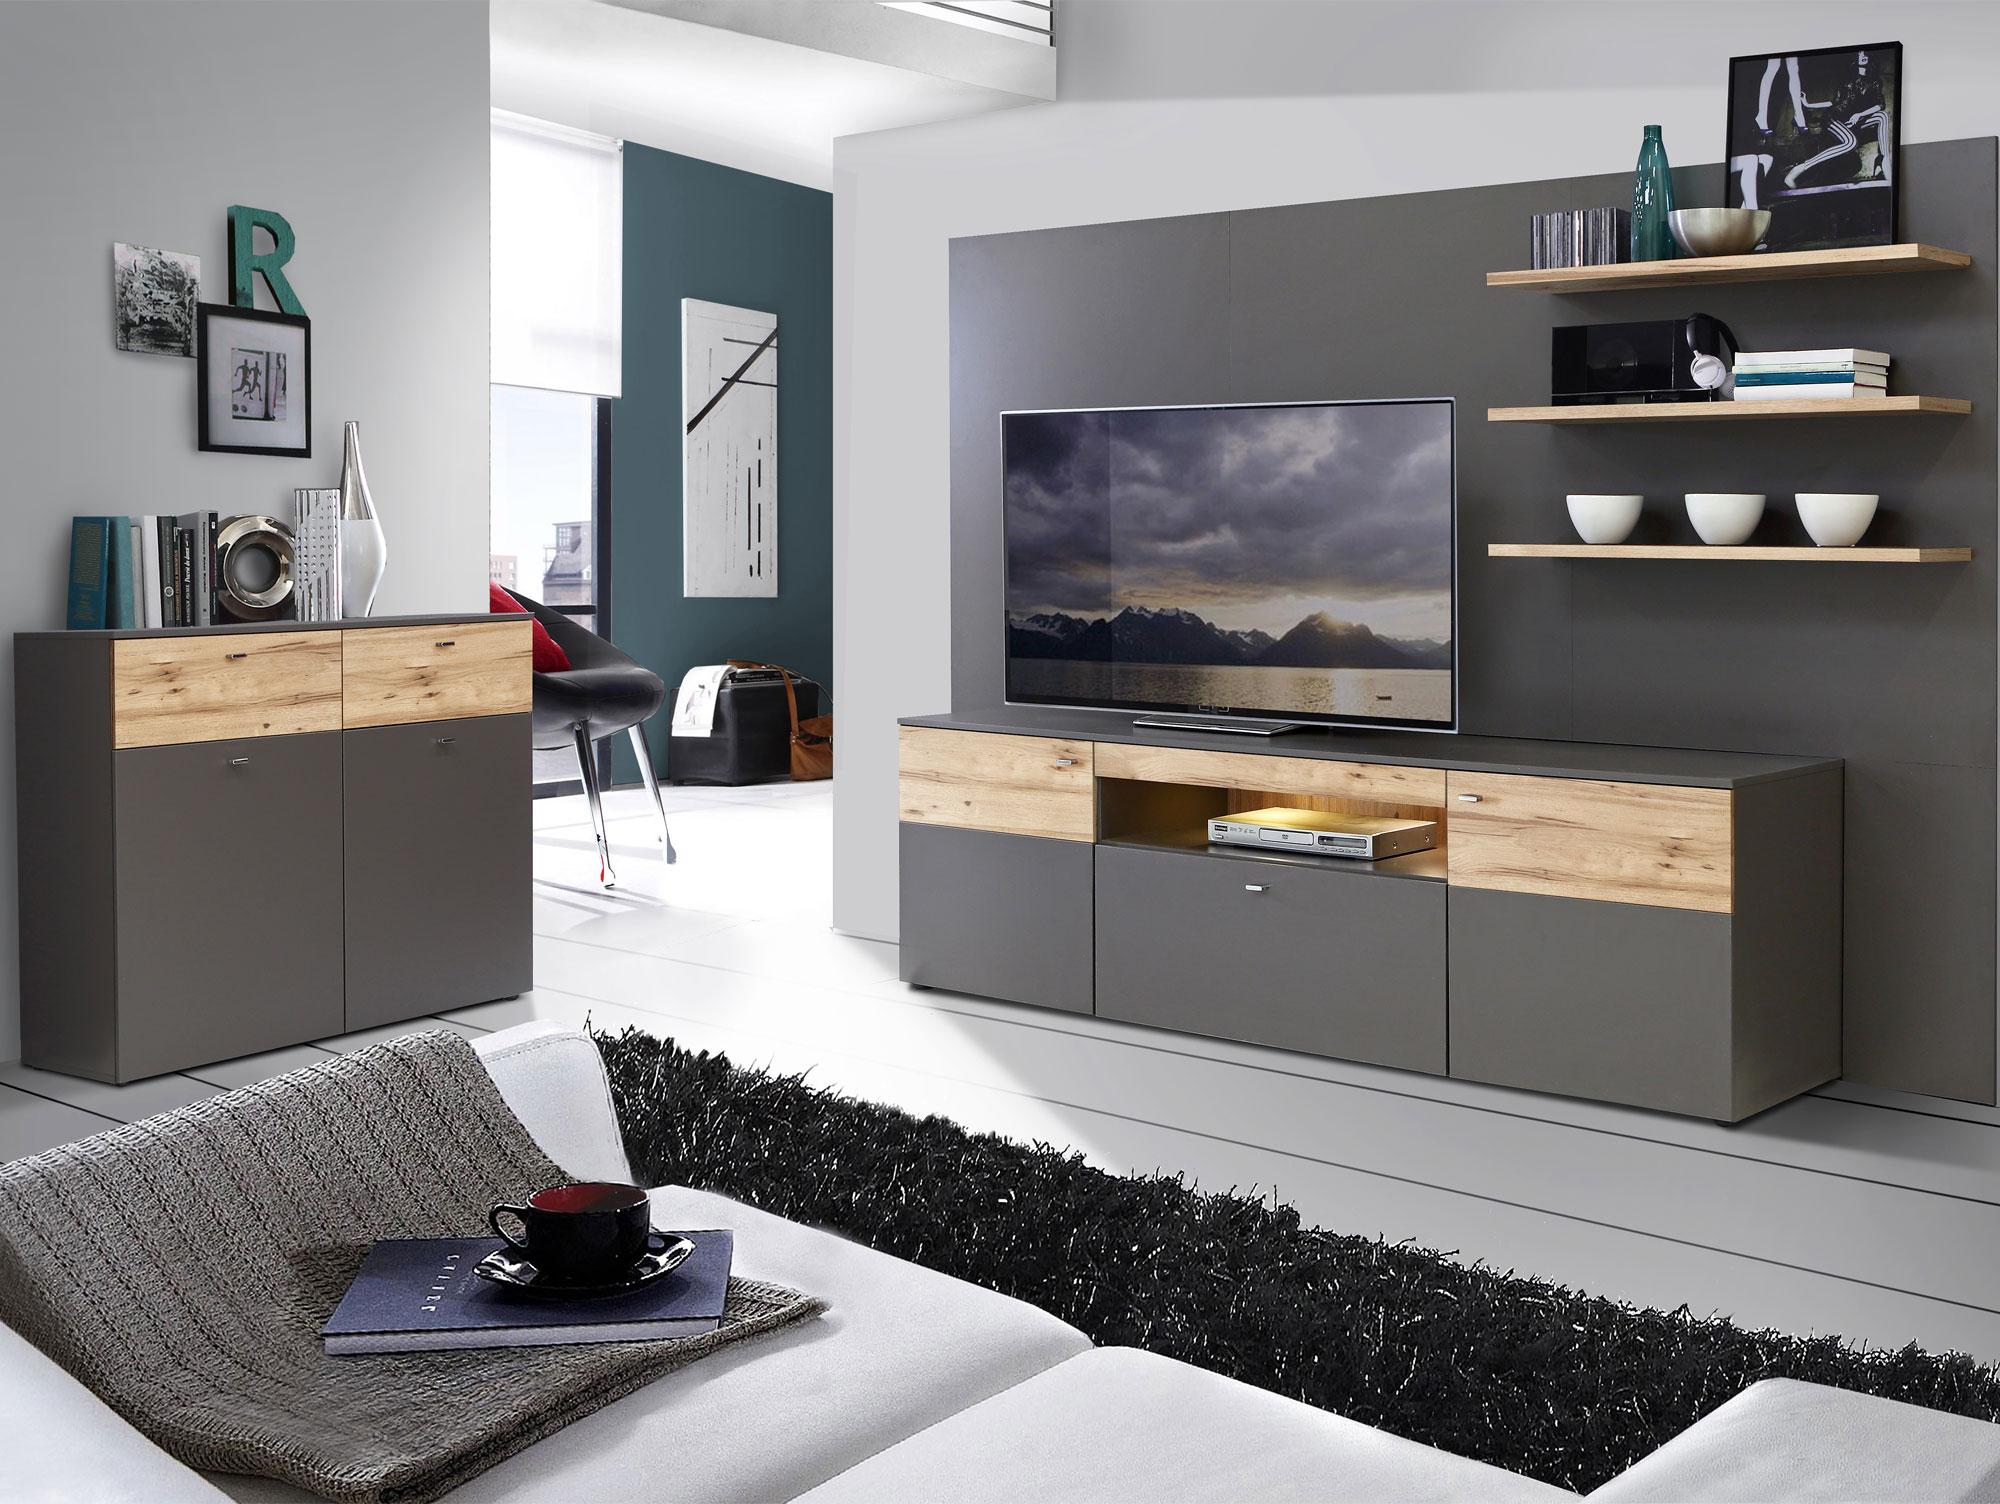 kommode clara mit 2 t ren wolfram grau planked eiche. Black Bedroom Furniture Sets. Home Design Ideas